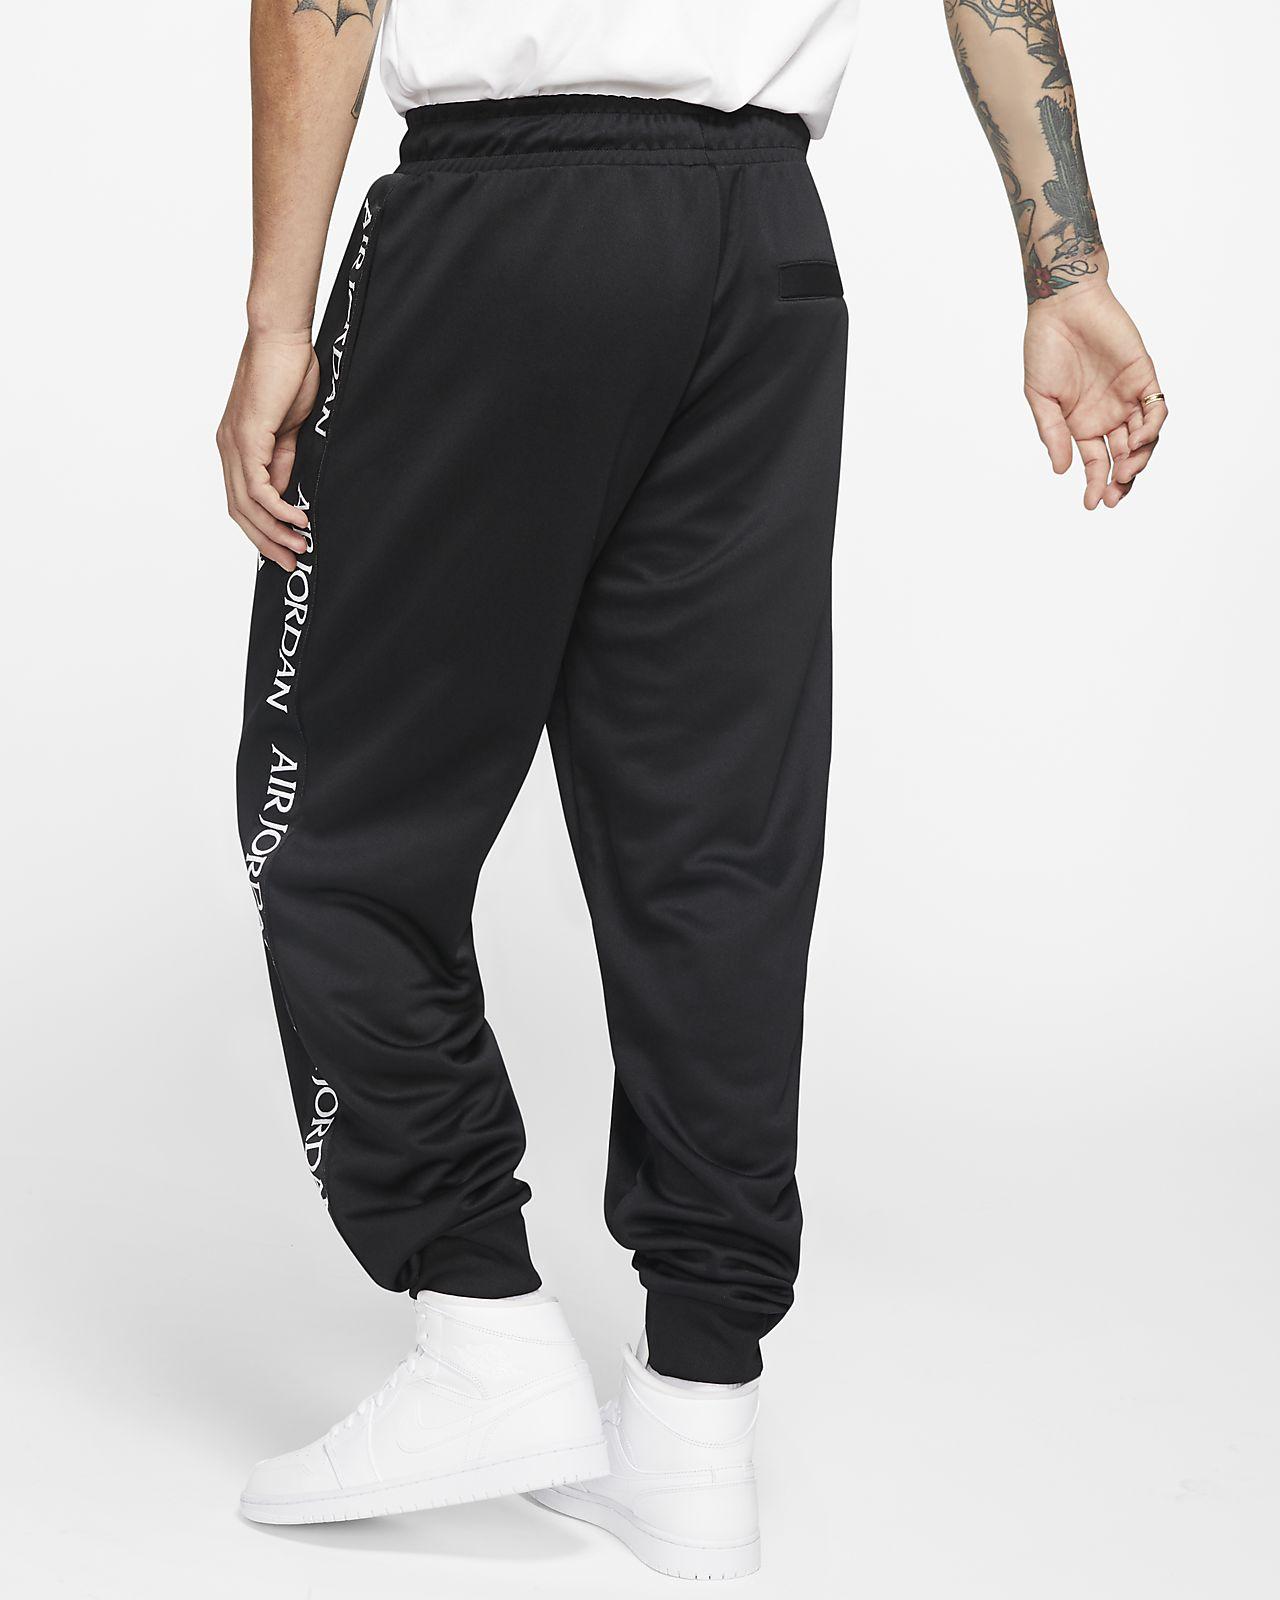 acheter populaire 66422 ddf09 Pantalon de survêtement en tricot Jordan Jumpman Classics pour Homme